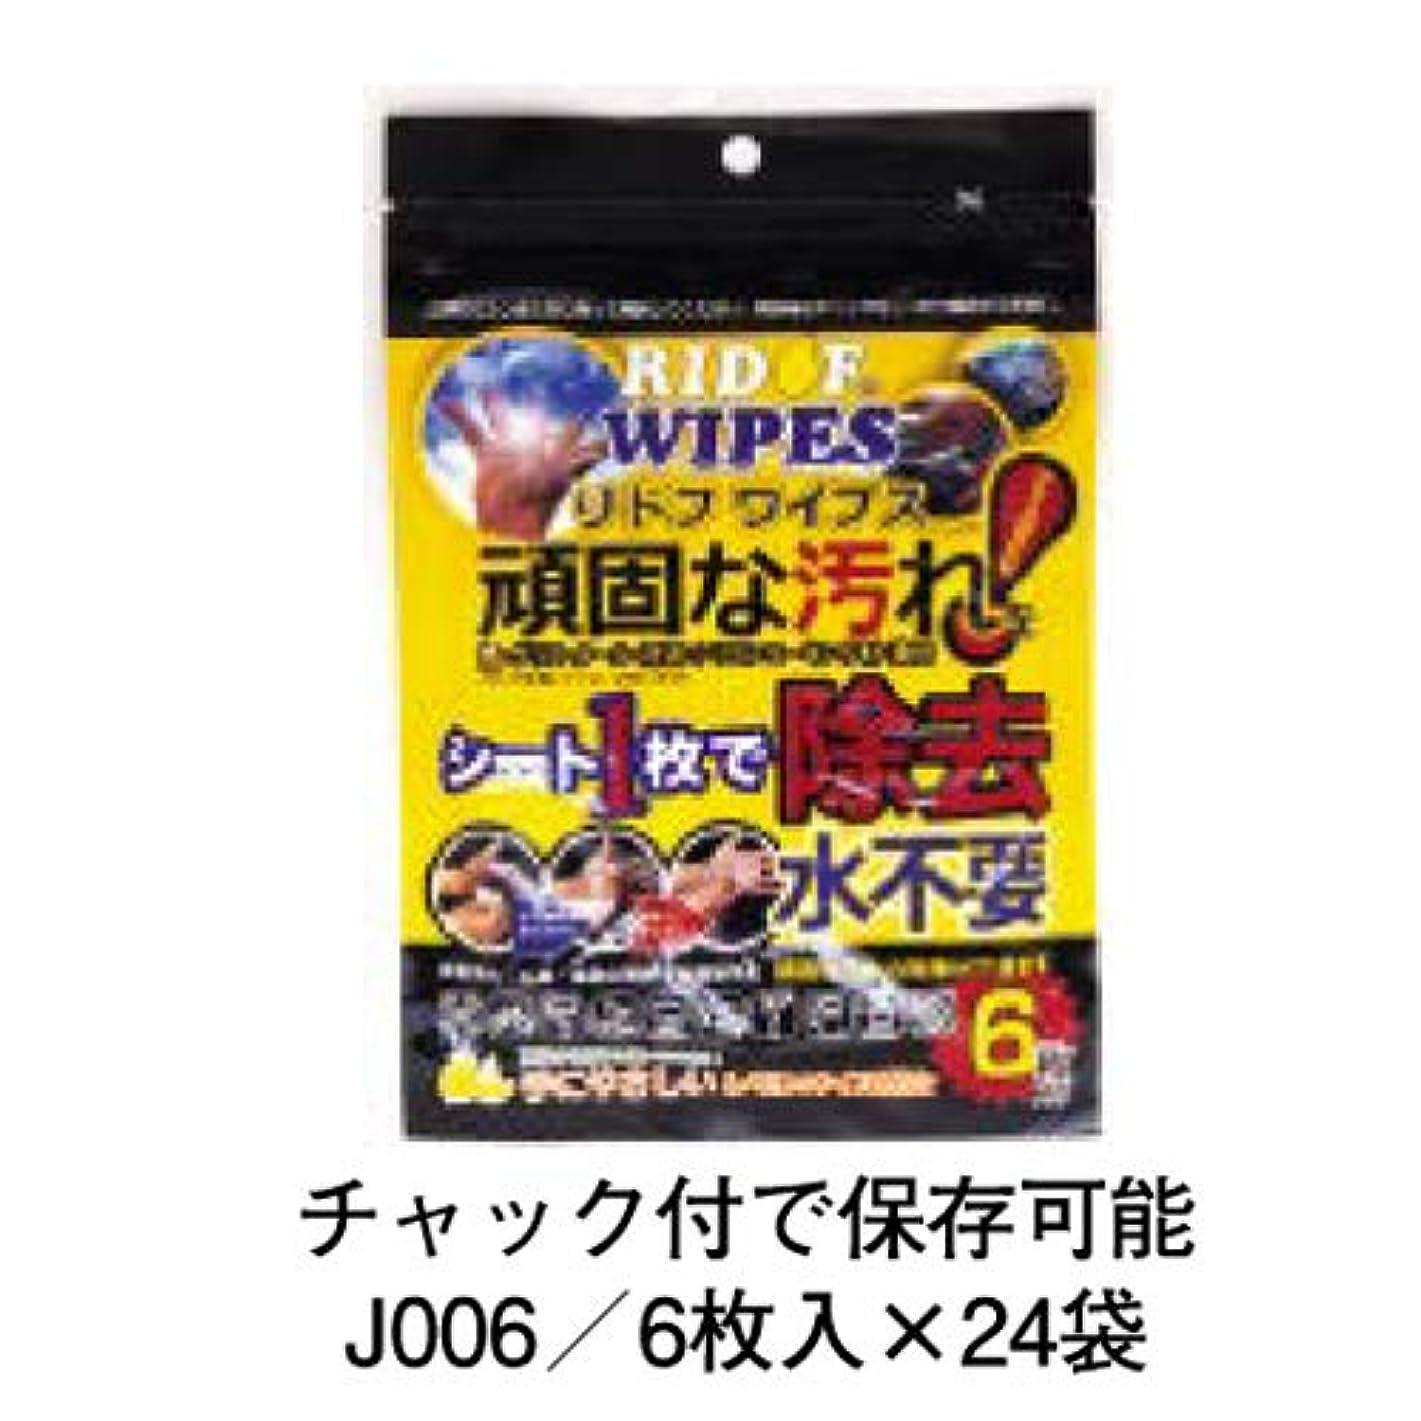 大いに差し控える黒リドフワイプス チャック付タイプ/6枚入×24袋 J006